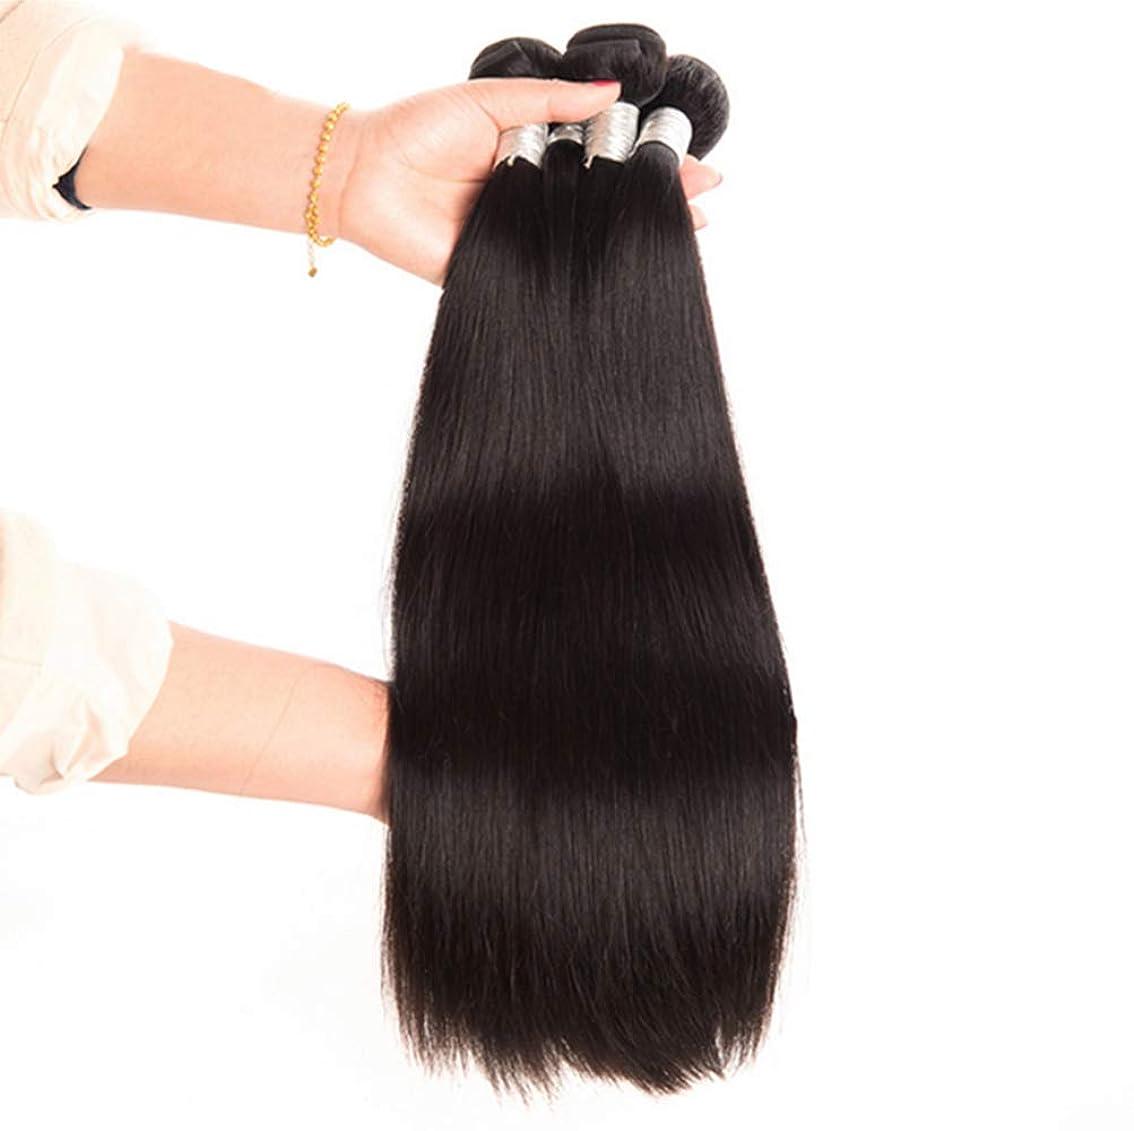 戻す天のチューインガム女性150%密度ブラジルの毛1バンドルストレートヘア100%の未処理のブラジル産バージンストレート人間の髪バンドル織り髪人間